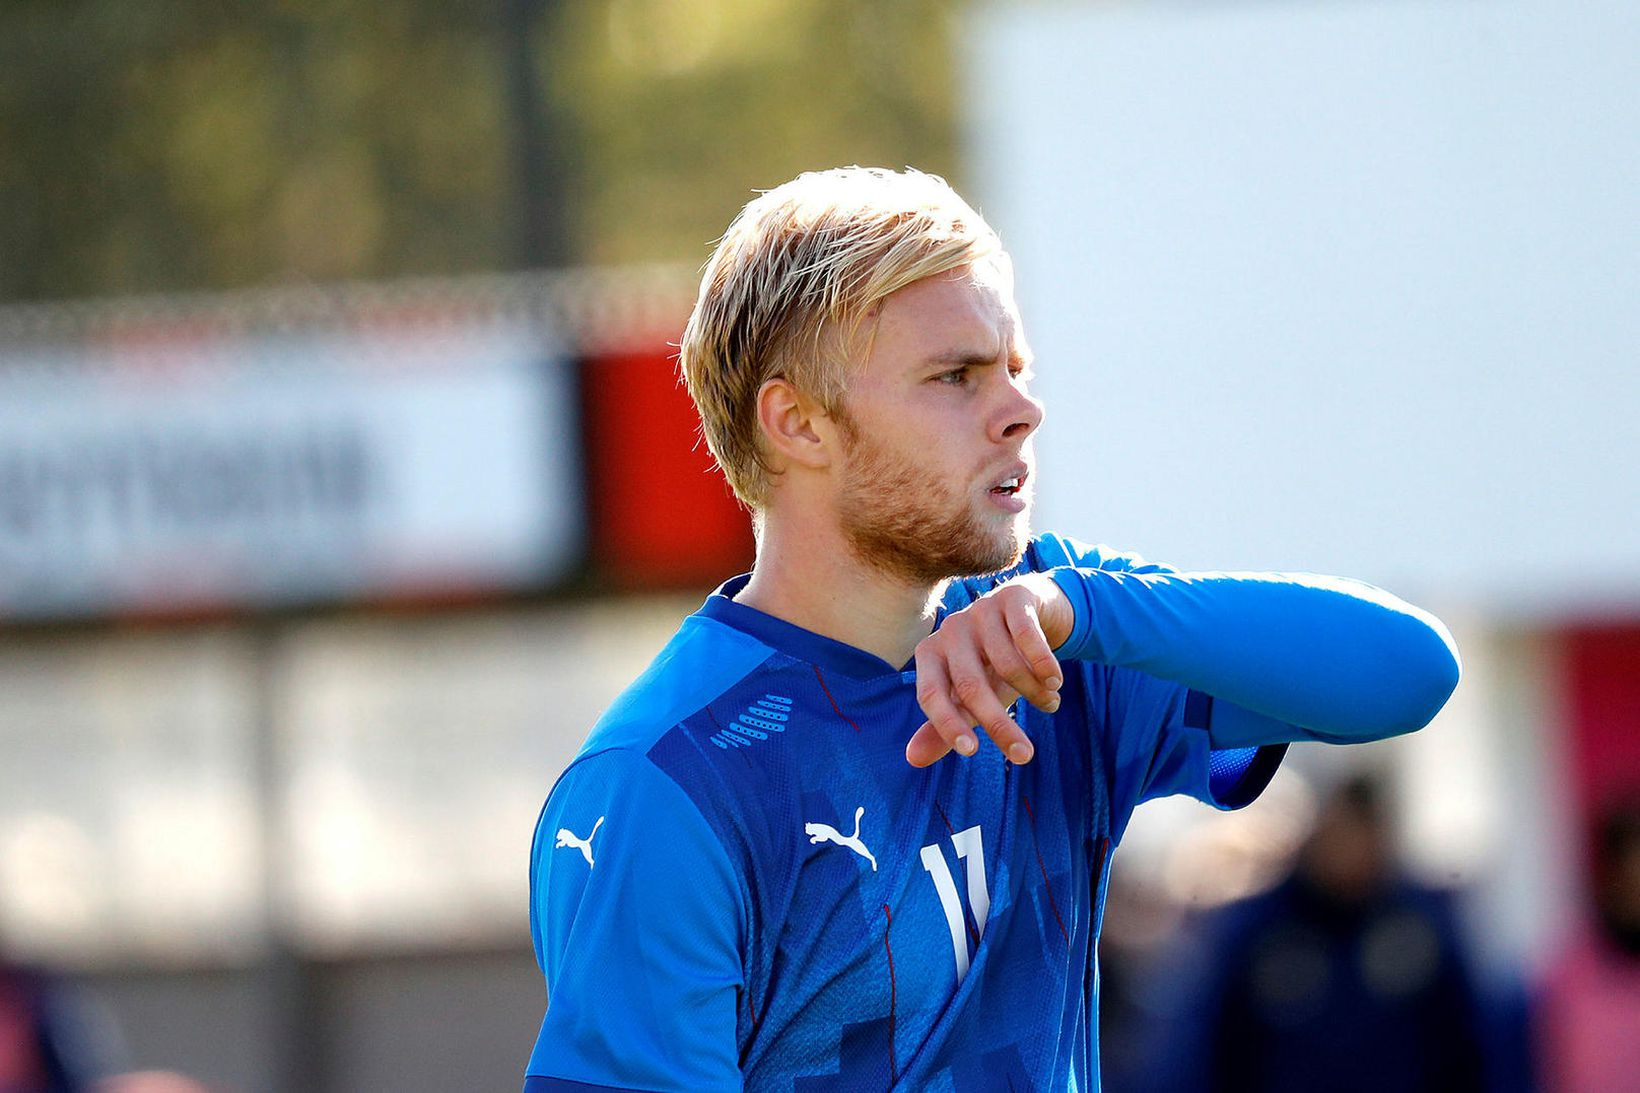 Sveinn Aron Guðjohnsen er byrjaður að spila í dönsku úrvalsdeildinni.